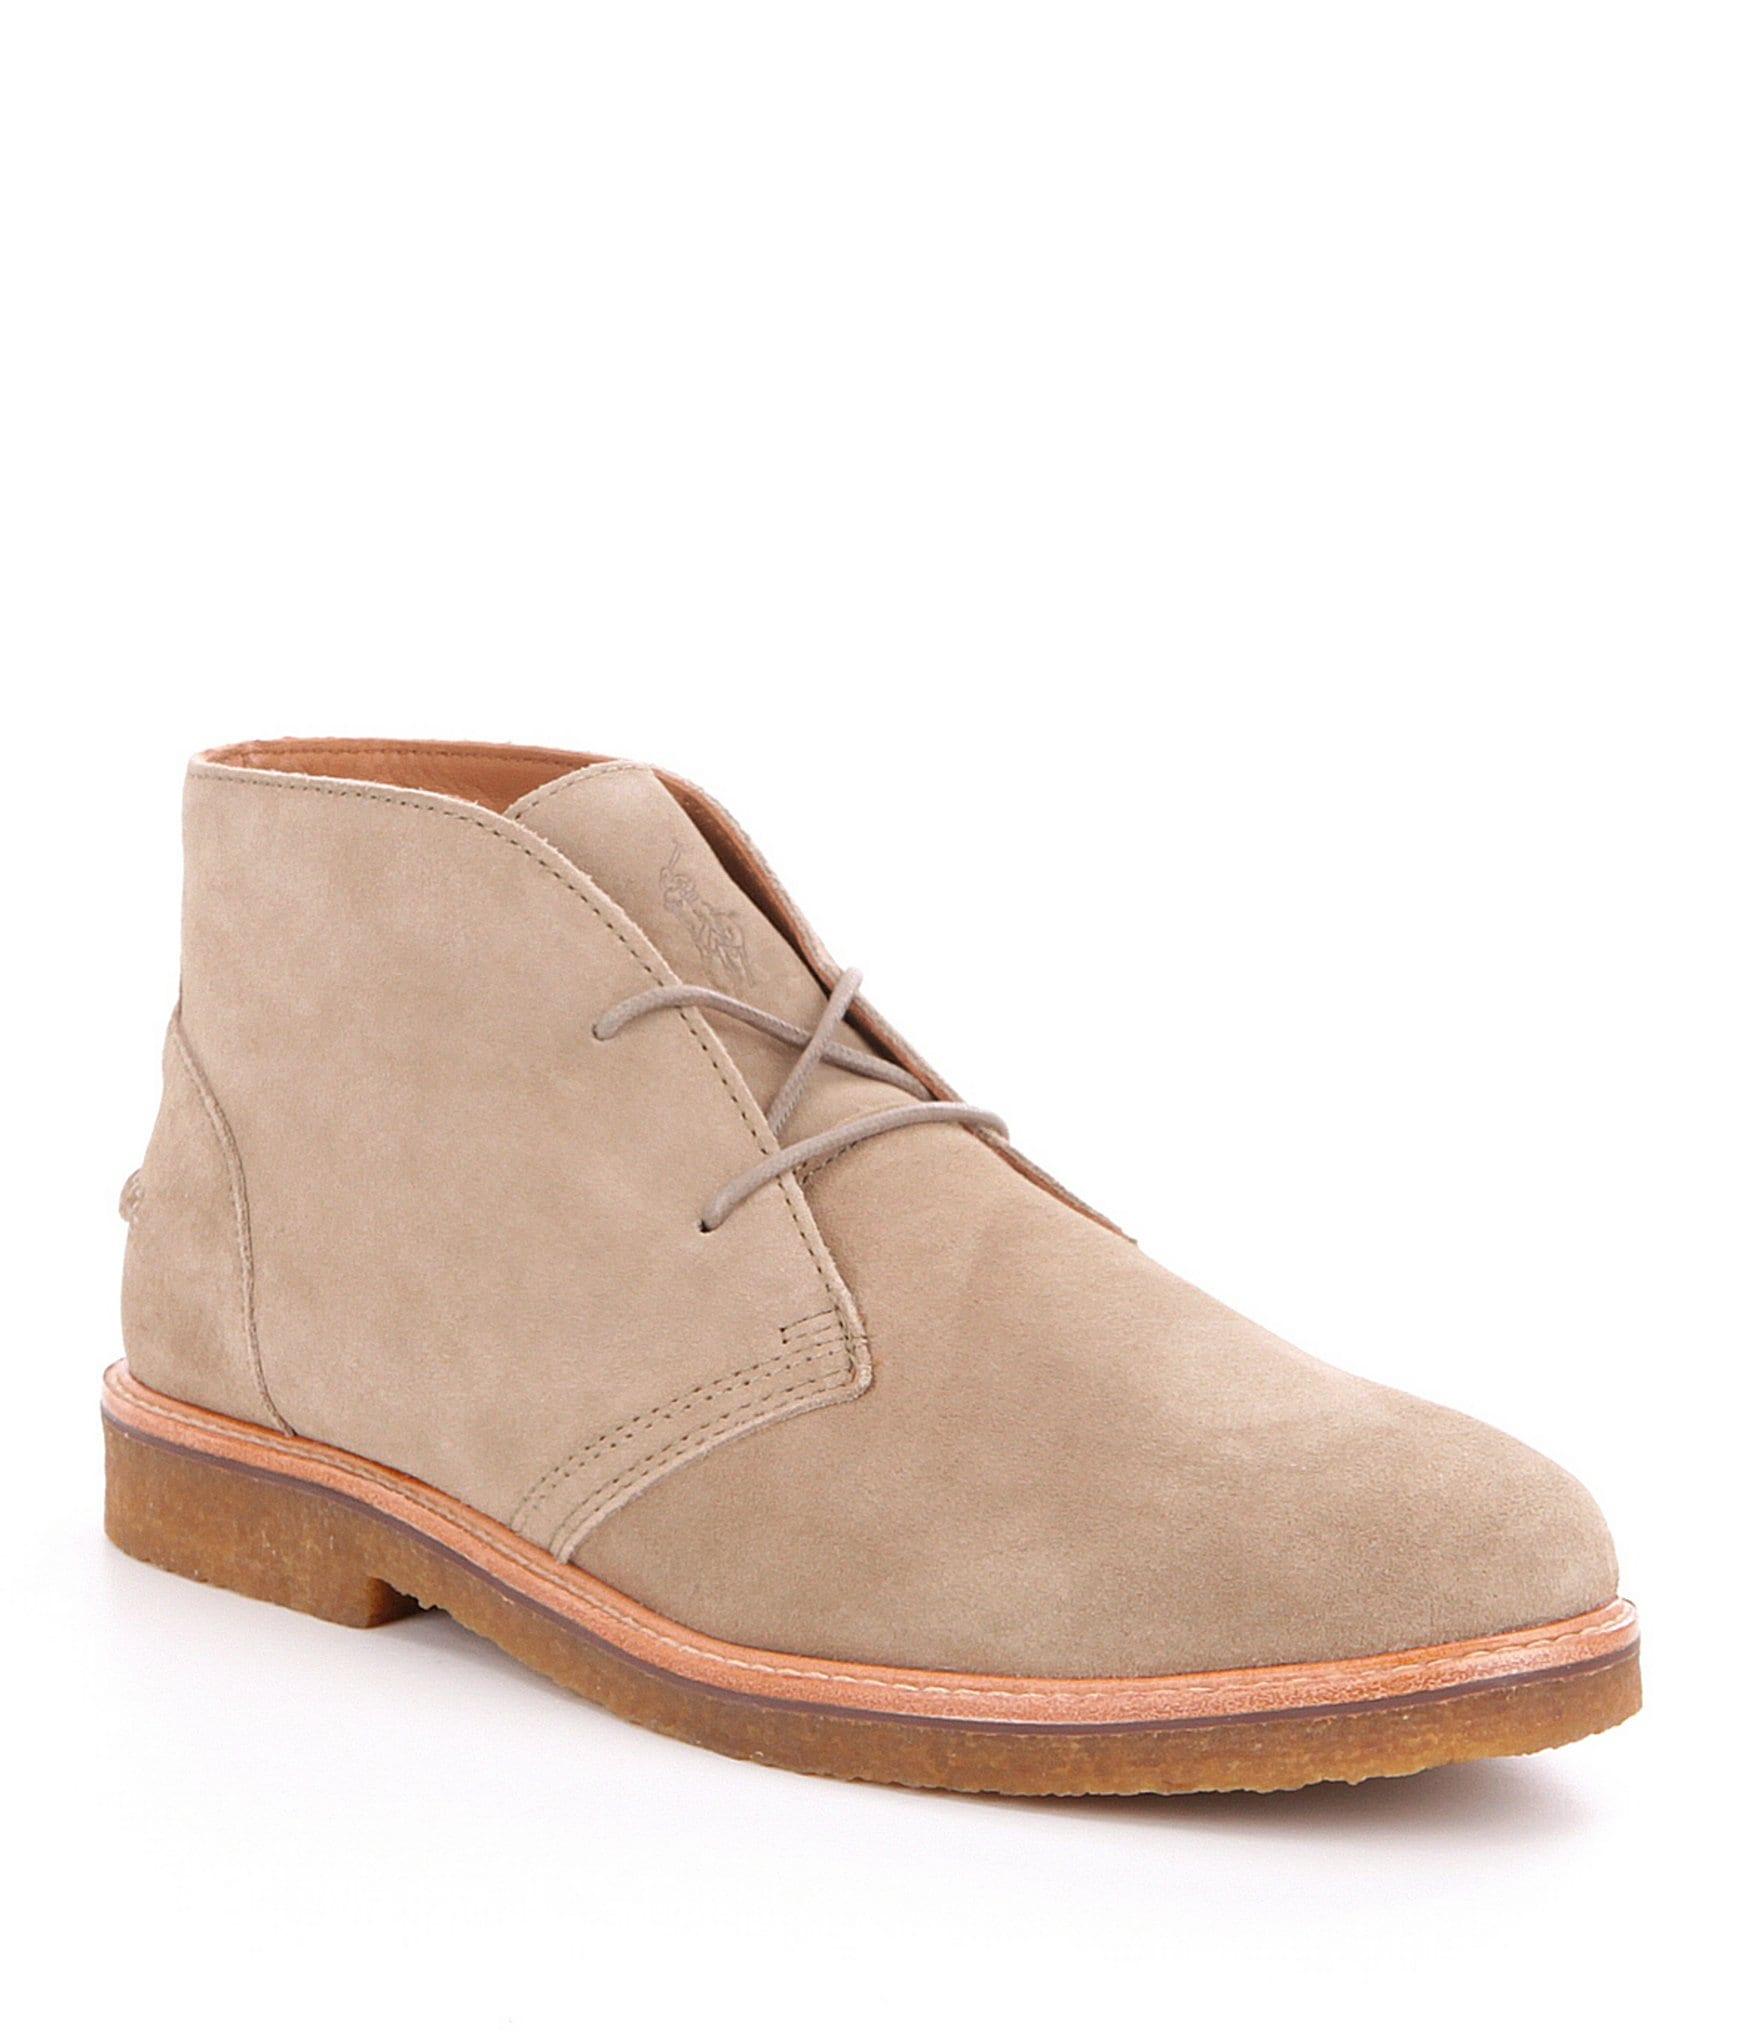 Shoes | Men\'s Shoes | Boots | Dillards.com